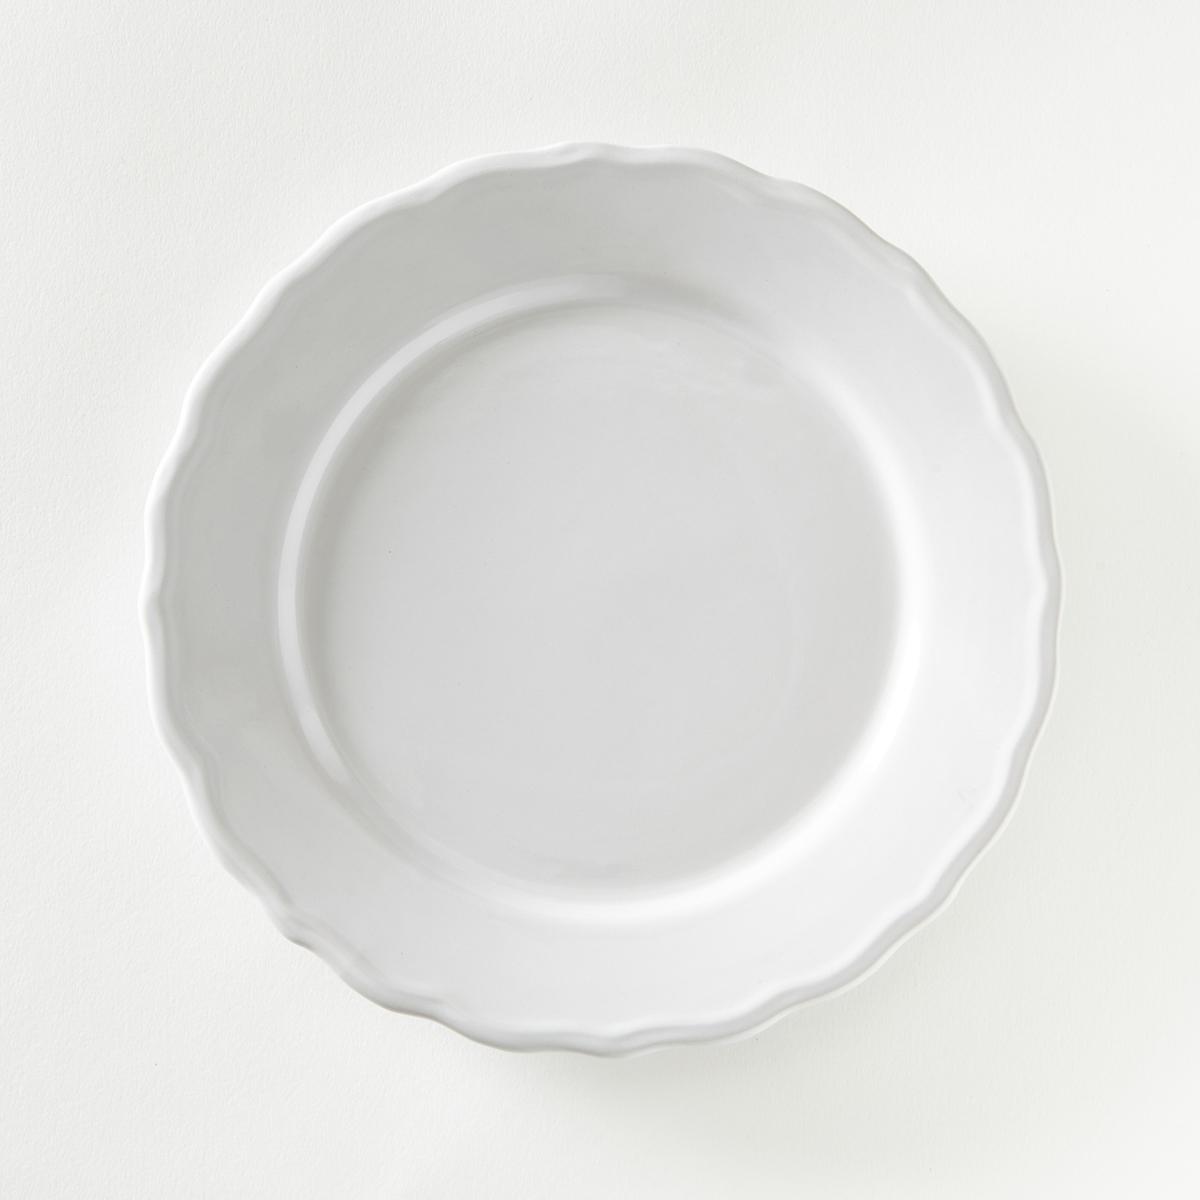 4 тарелки десертные с отделкой фестонами, Ajila4 тарелки десертные с отделкой фестонами Ajila . Завтрак, обед или ужин, La Redoute Int?rieurs Вас приглашает к столу. Характеристики 4 тарелок десертных с отделкой фестонами Ajila :- Из фаянса, зубчатая кромка.- Диаметр 21,7 см  .- Можно использовать в посудомоечных машинах и микроволновых печах.Плоские и глубокие тарелки, чашки, кружки и блюдца Ajila продаются на нашем сайте .<br><br>Цвет: белый,серо-коричневый